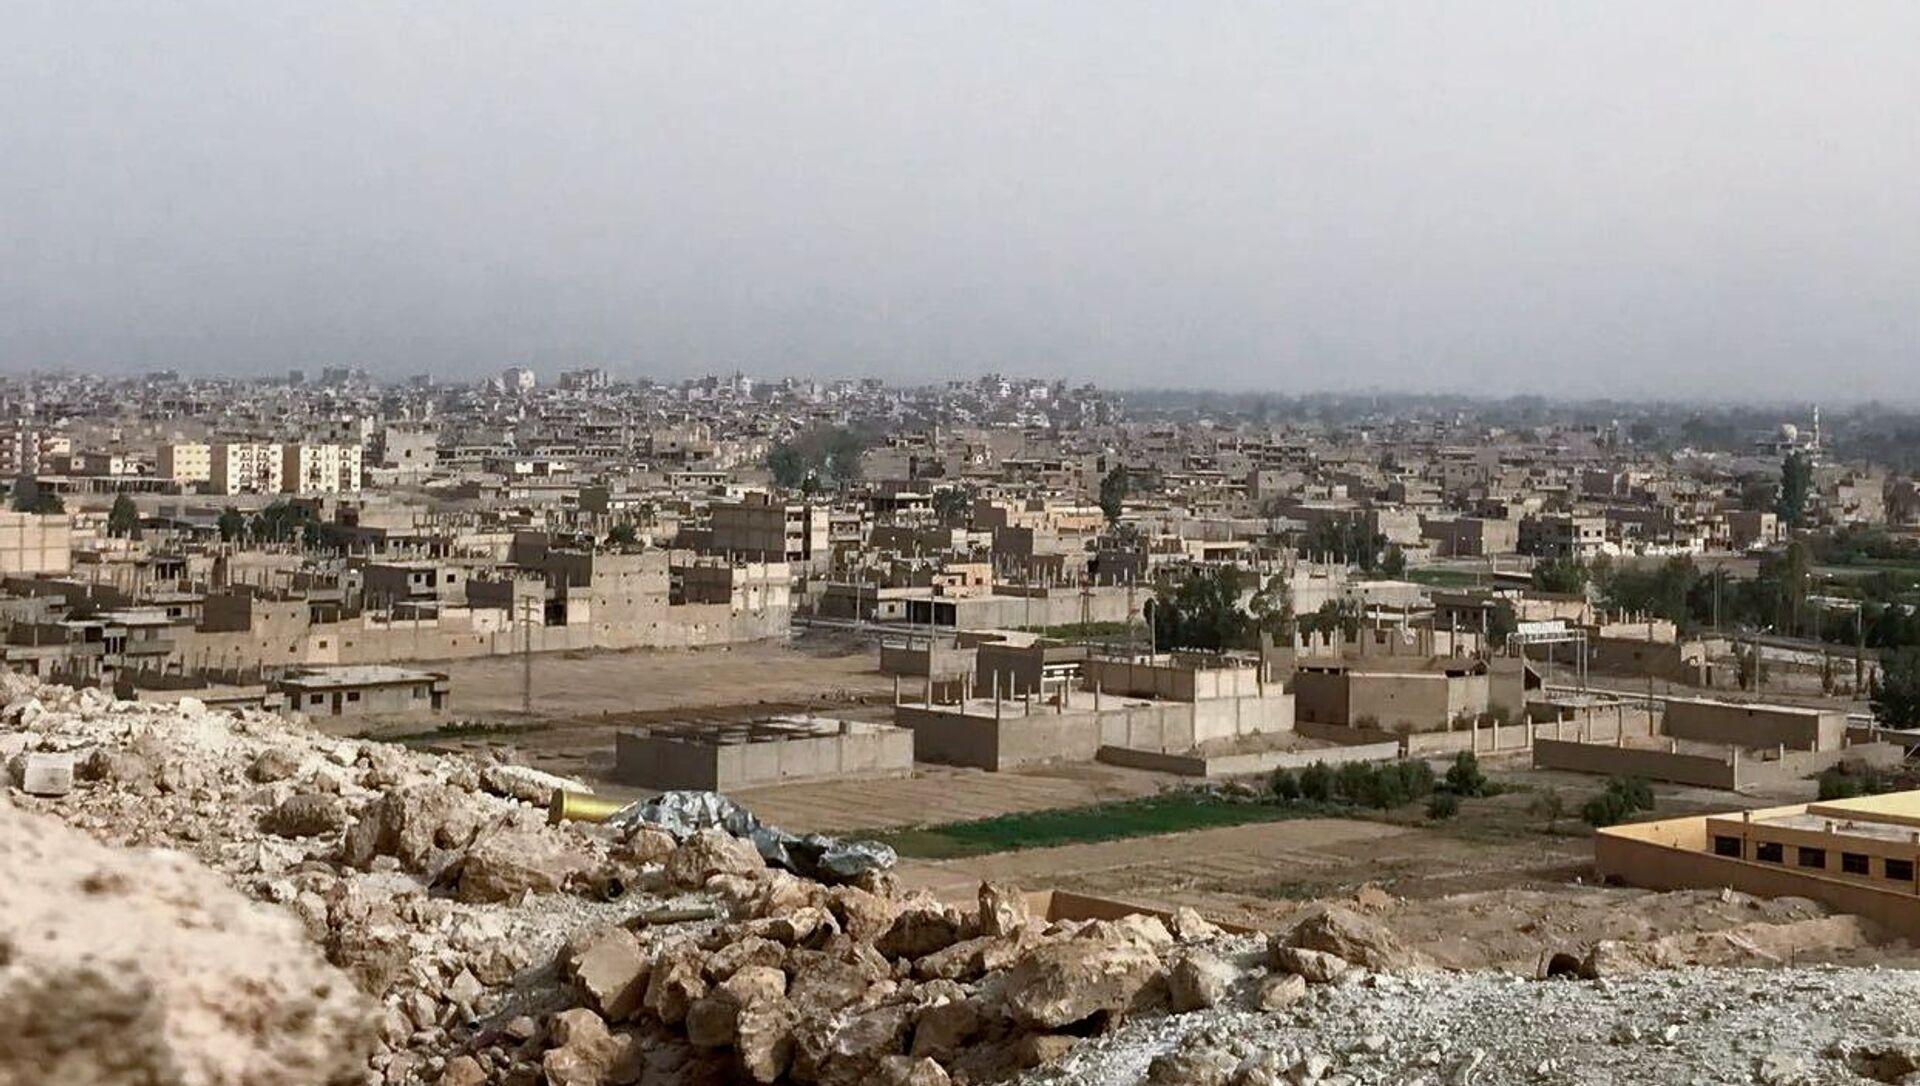 Vue sur la ville de Deir ez-Zor, chef-lieu du gouvernorat homonyme - Sputnik France, 1920, 28.06.2021